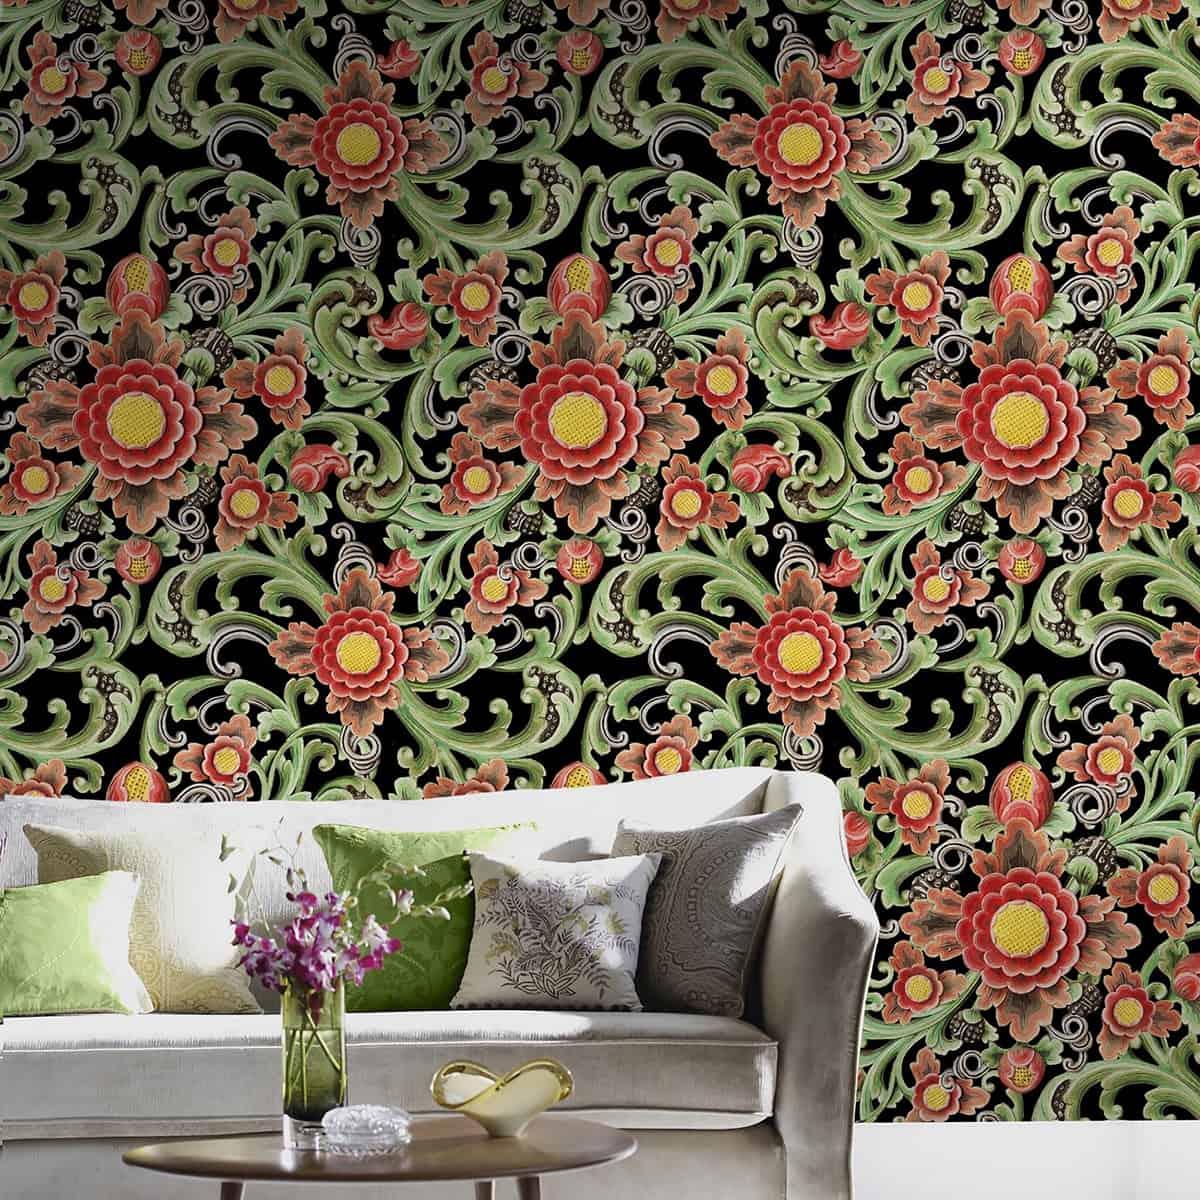 canapea textilă de culoare gri, cu pernute gri si verzi, langa un perete cu tapet floral